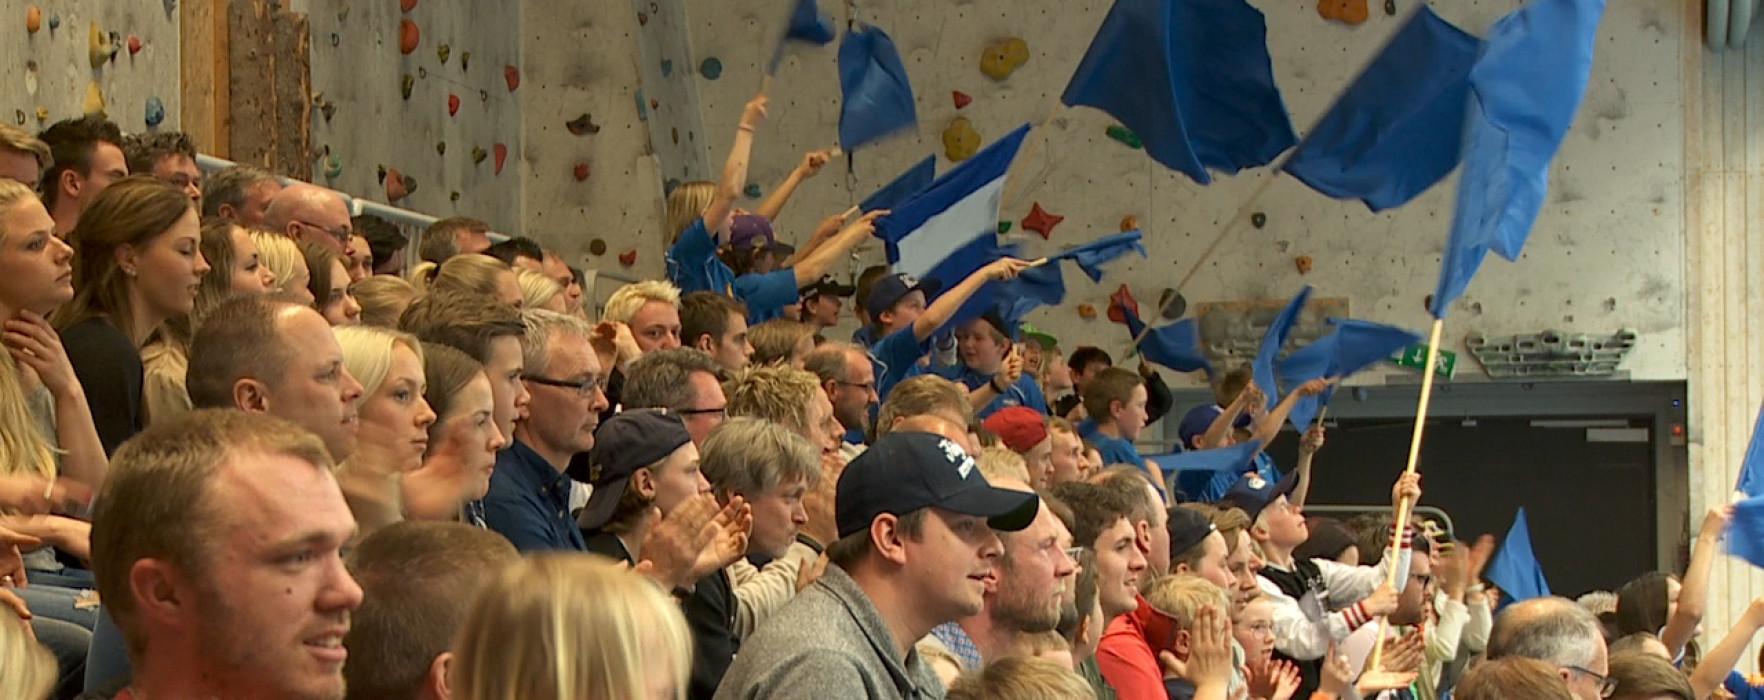 GlimtSport – SSL-kval, Karlstad-Göteborg